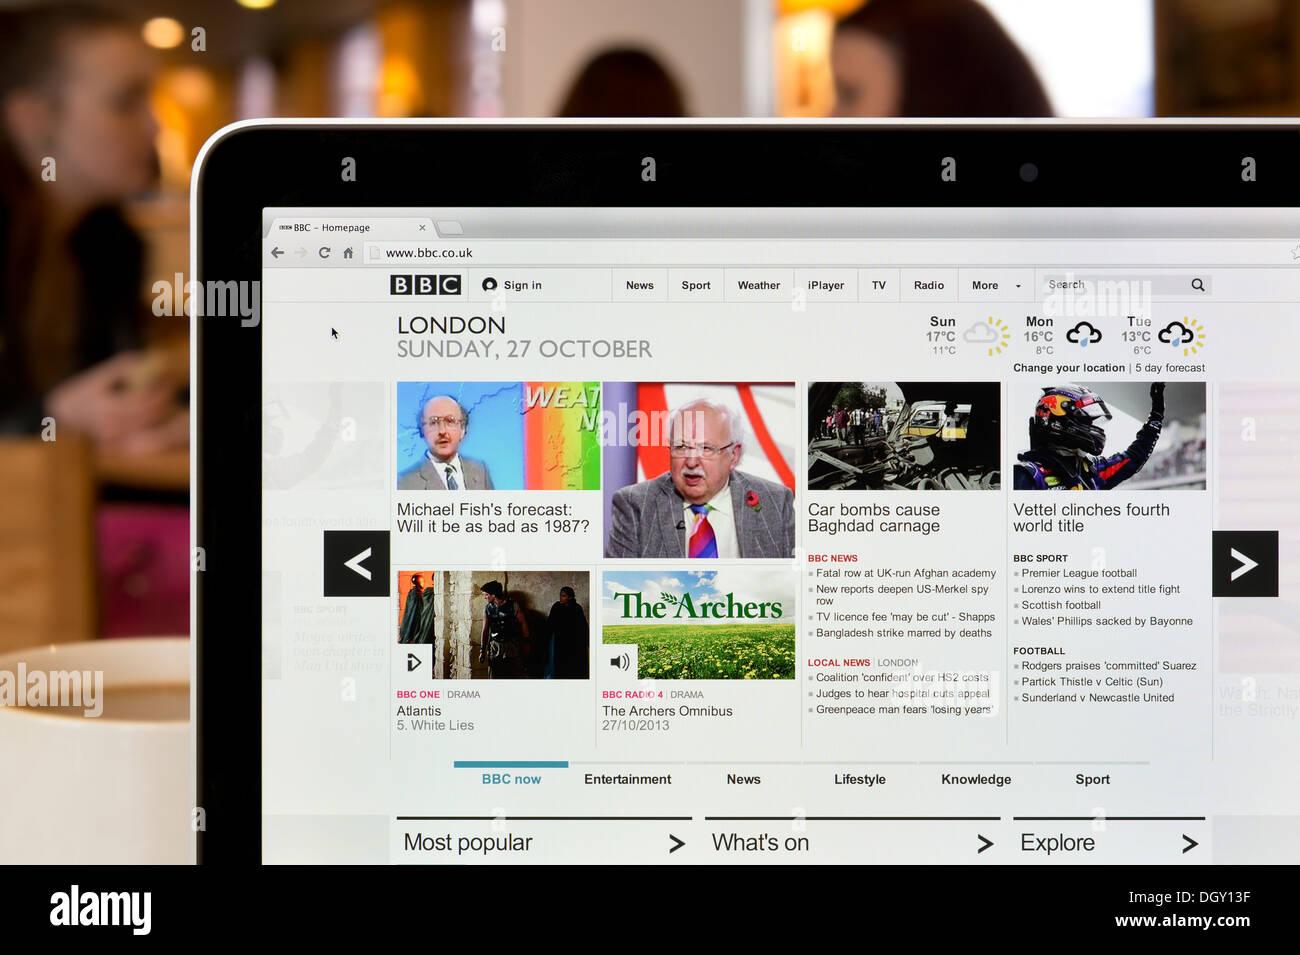 Die BBC Online Website erschossen in einem Coffee-Shop-Umfeld (nur zur redaktionellen Verwendung: print, TV, e-Book und redaktionelle Webseite). Stockbild